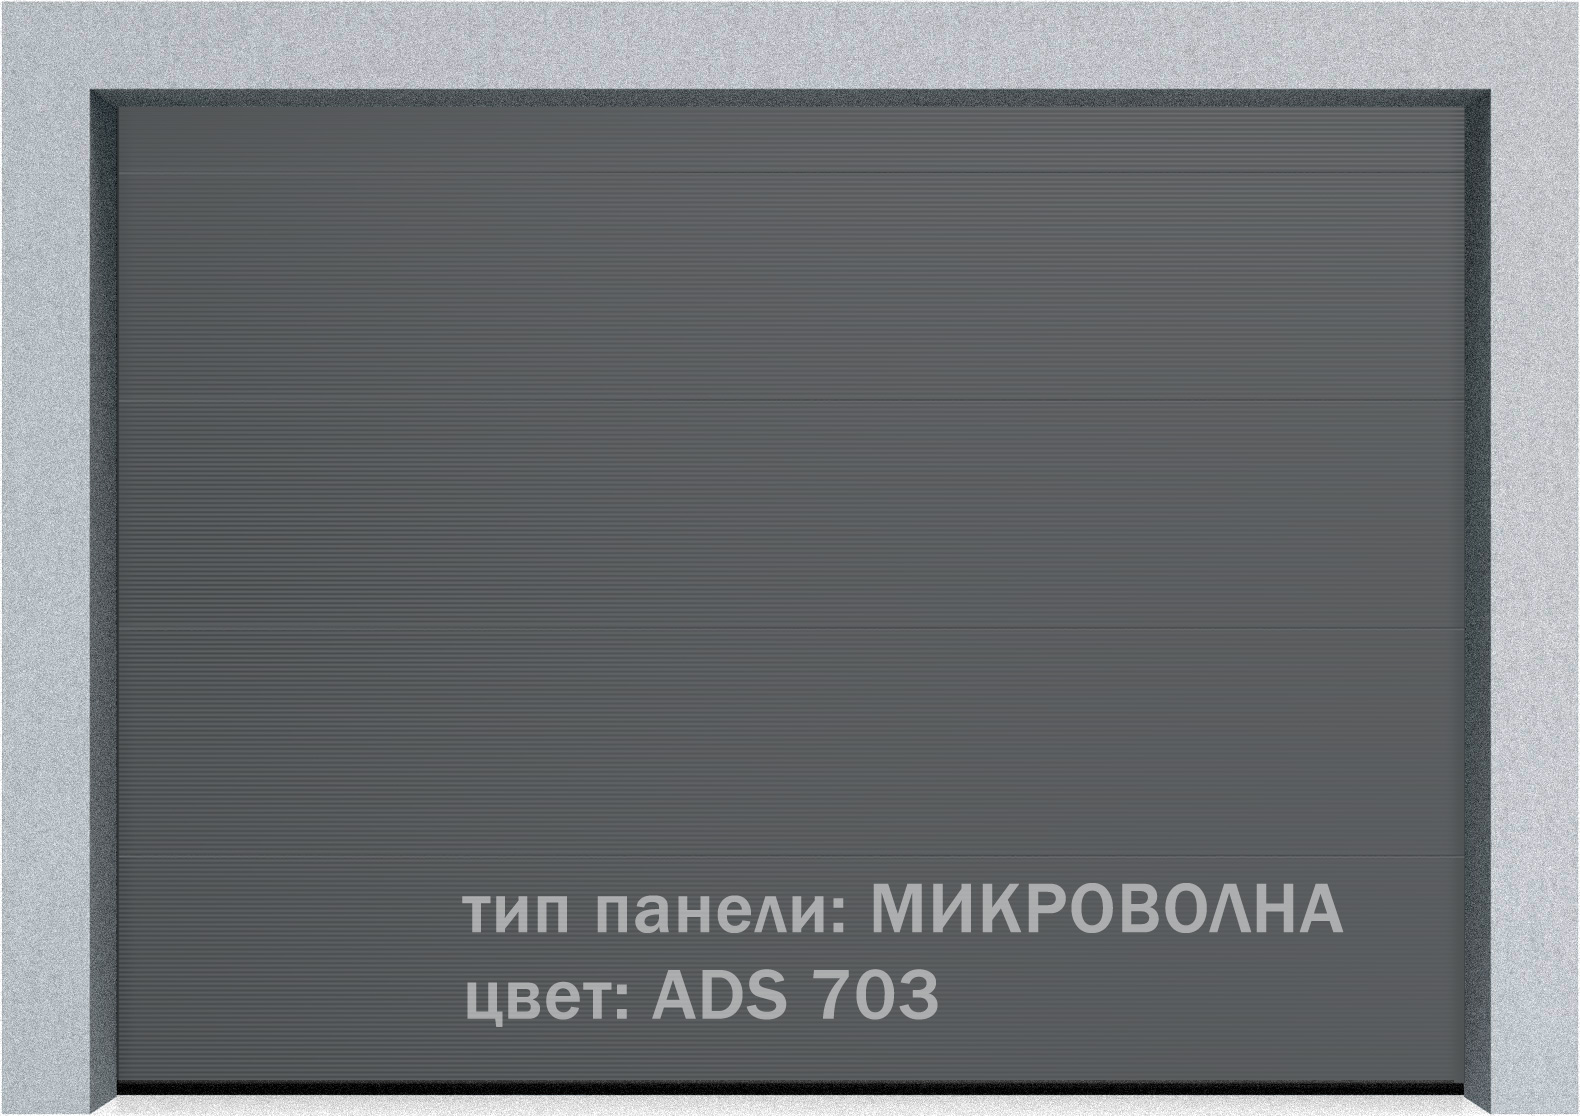 Секционные промышленные ворота Alutech ProTrend 3375х2000 S-гофр, Микроволна стандартные цвета, фото 20